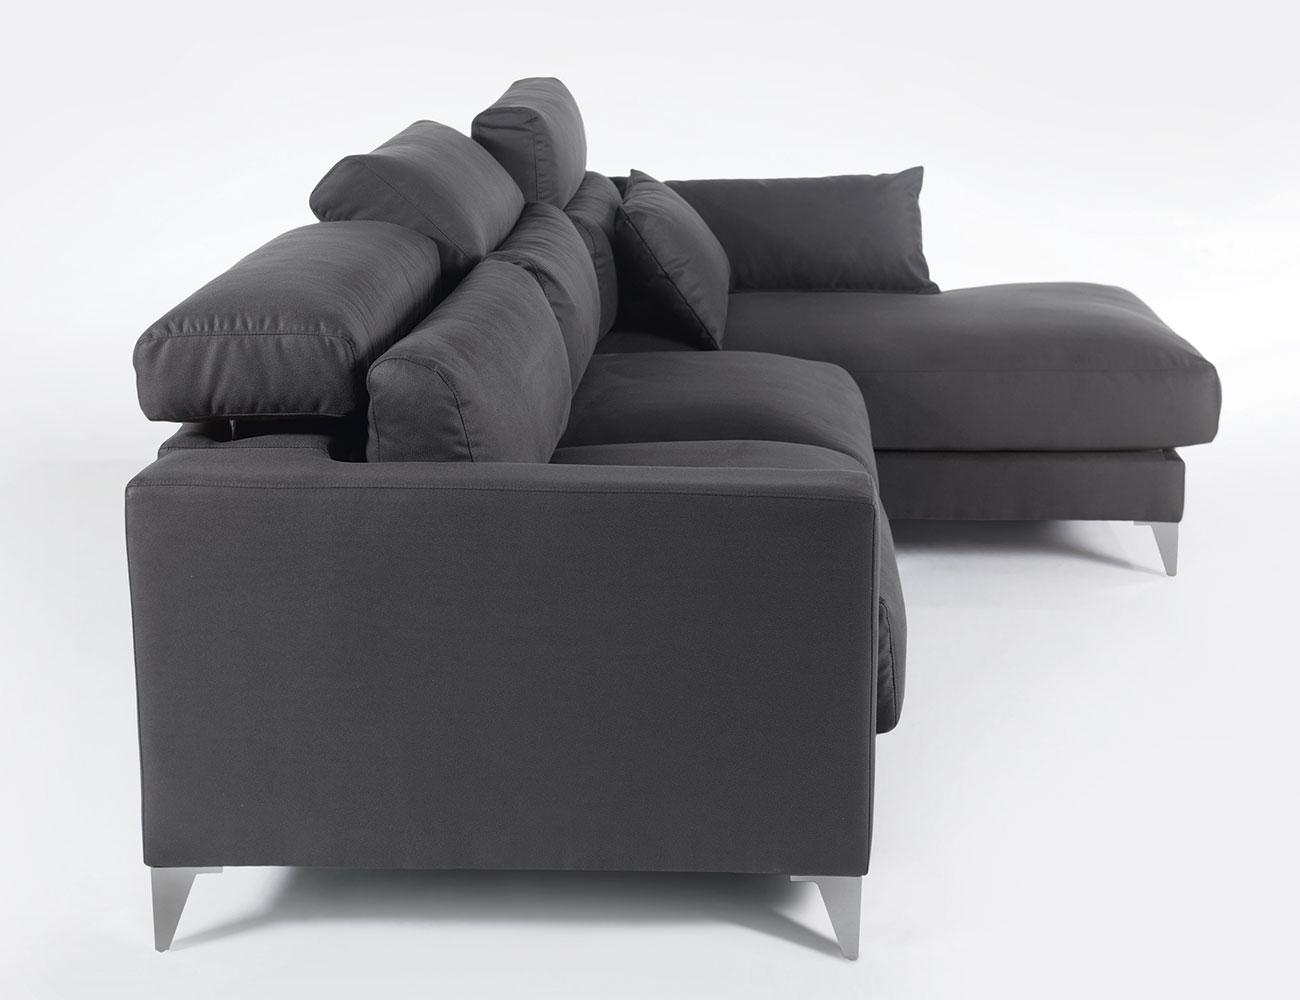 Sofa chaiselongue gran lujo decorativo grafito 115